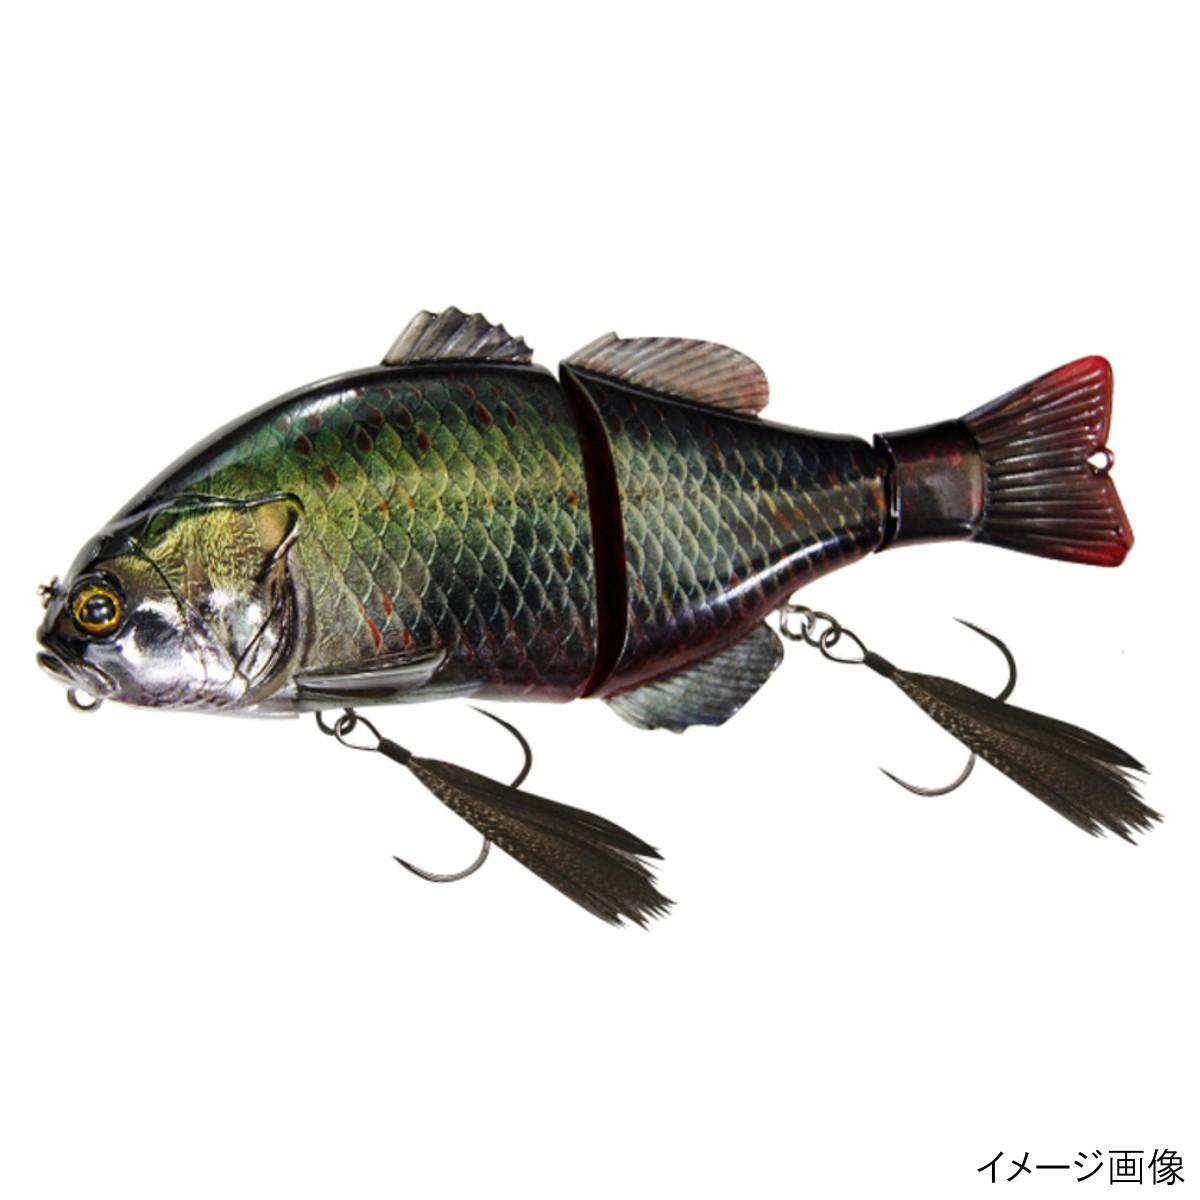 ジャッカル チビタレル RTブラックピラルク(東日本店)